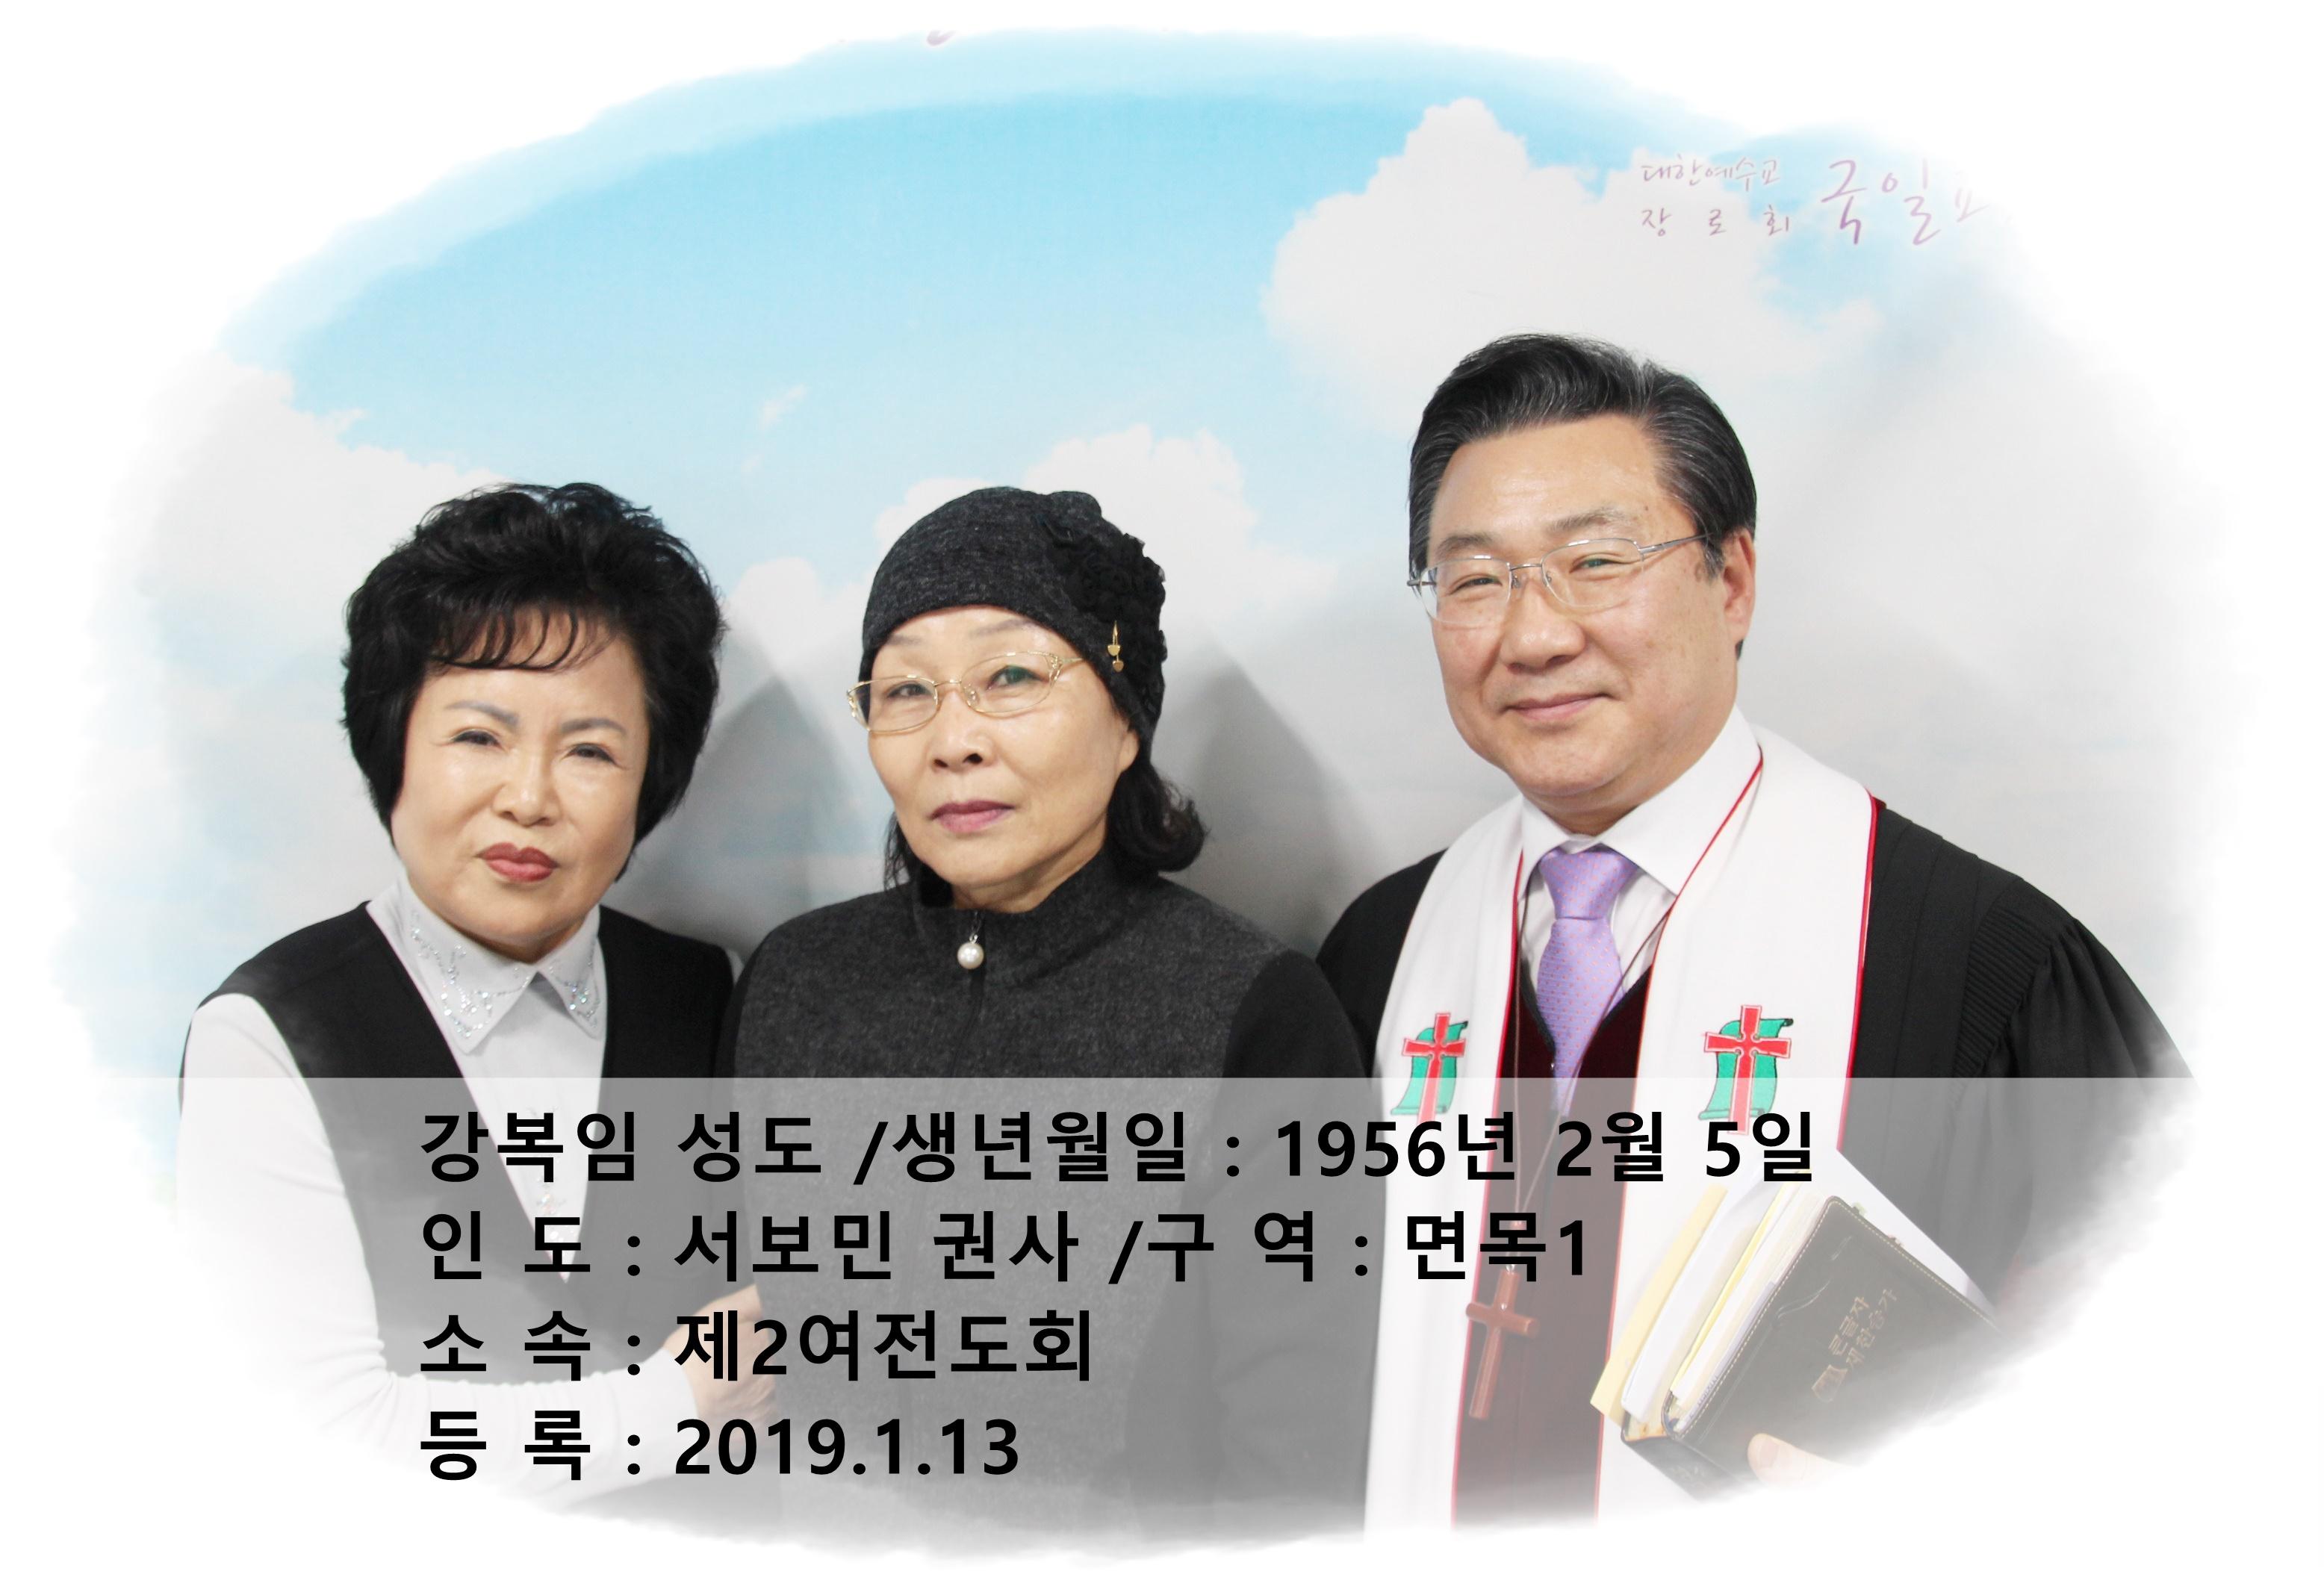 1월13일 강복임 성도.jpg